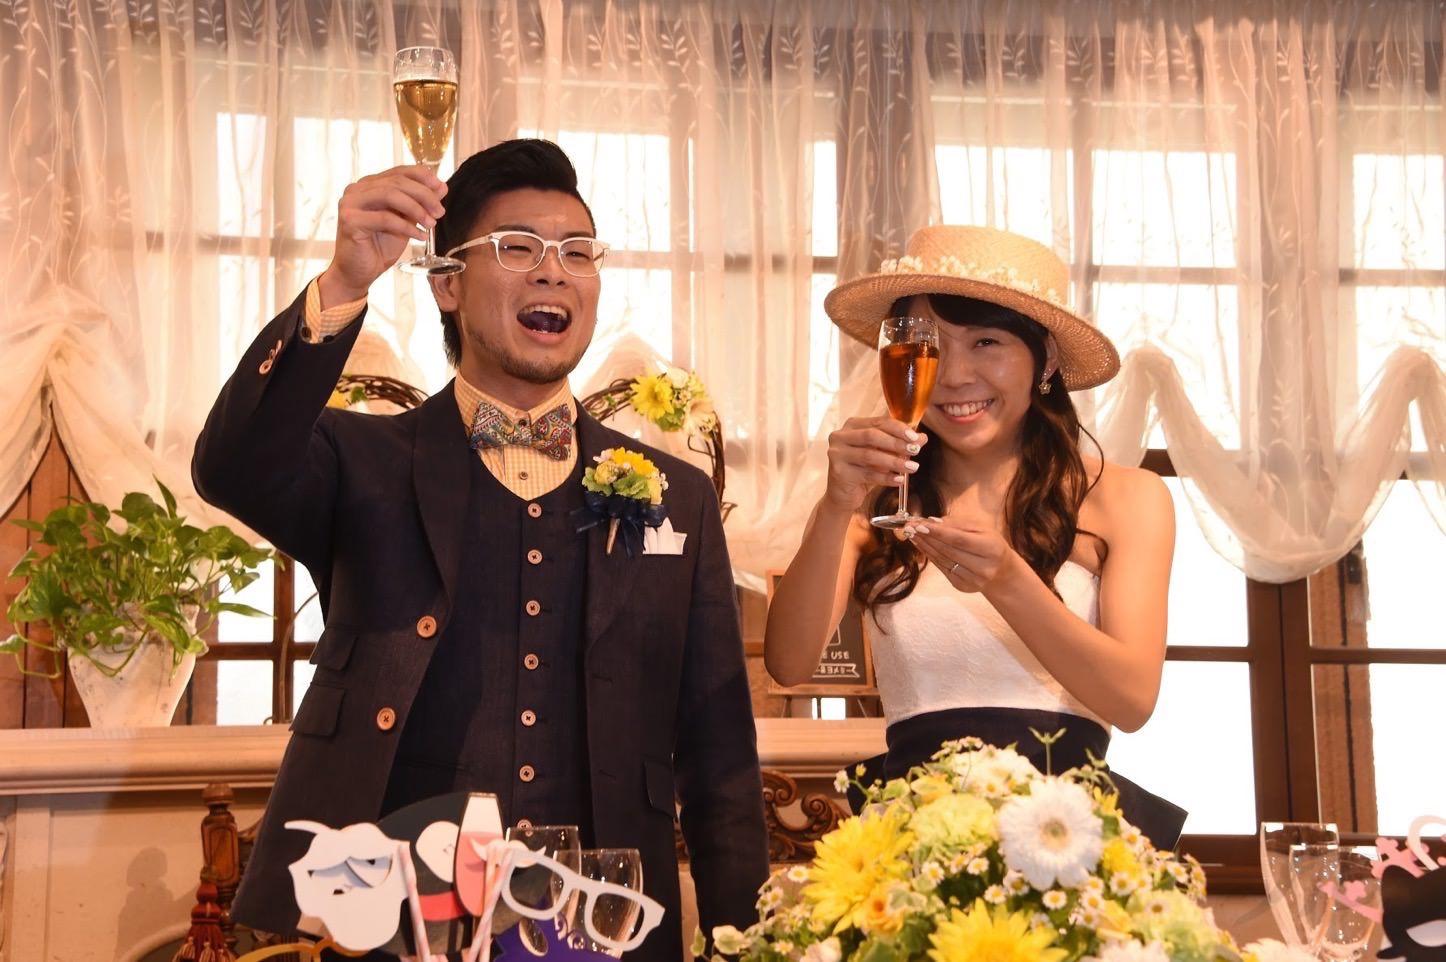 Hanzoya-Wedding-GoriMeYomeMe-JTC21-24.JPG